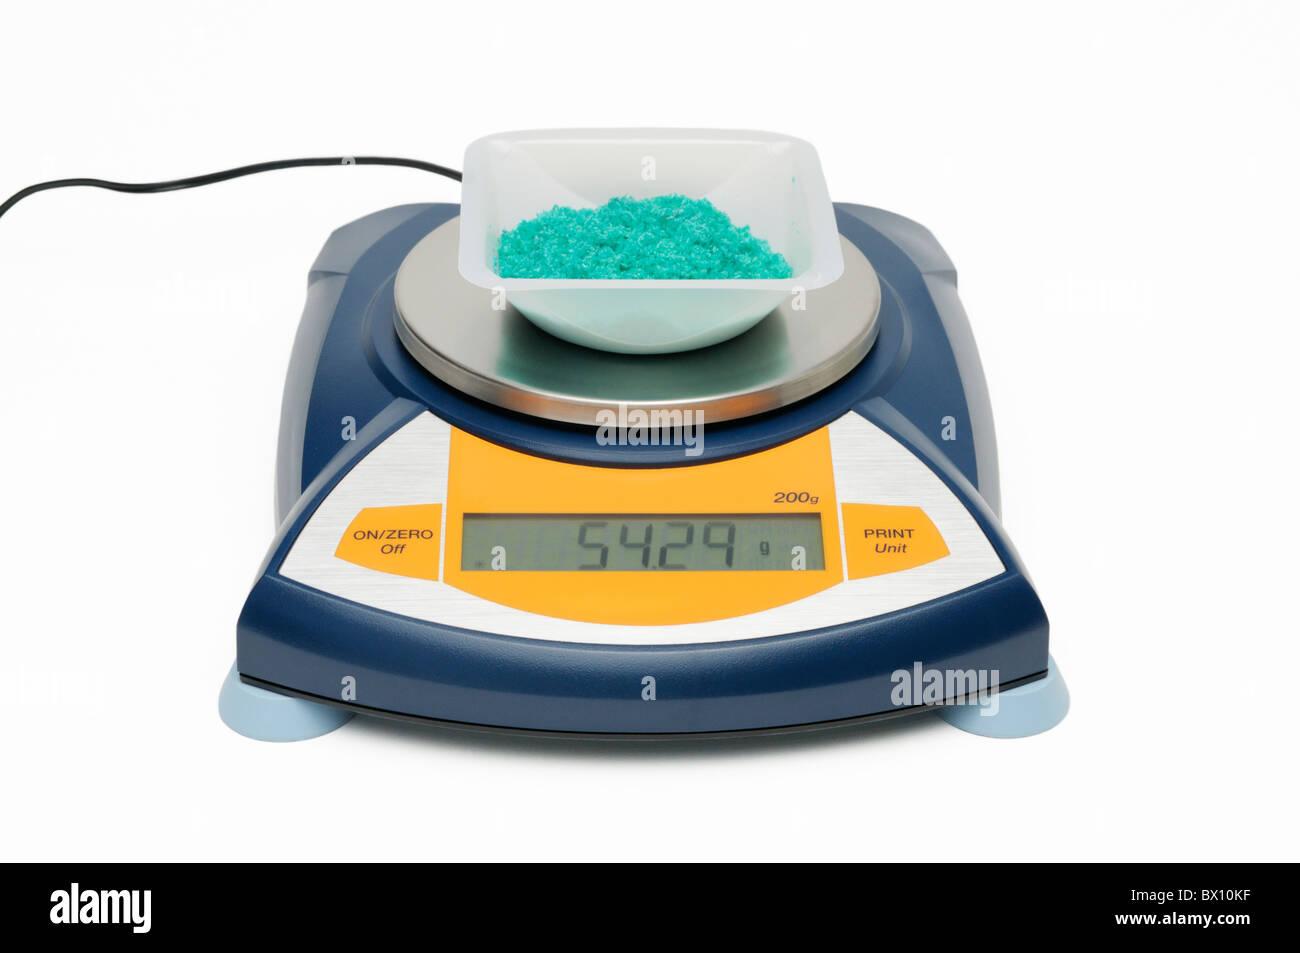 Mesure de la masse d'une substance chimique (chlorure cuivrique dihydraté cristaux) avec balance électronique Photo Stock